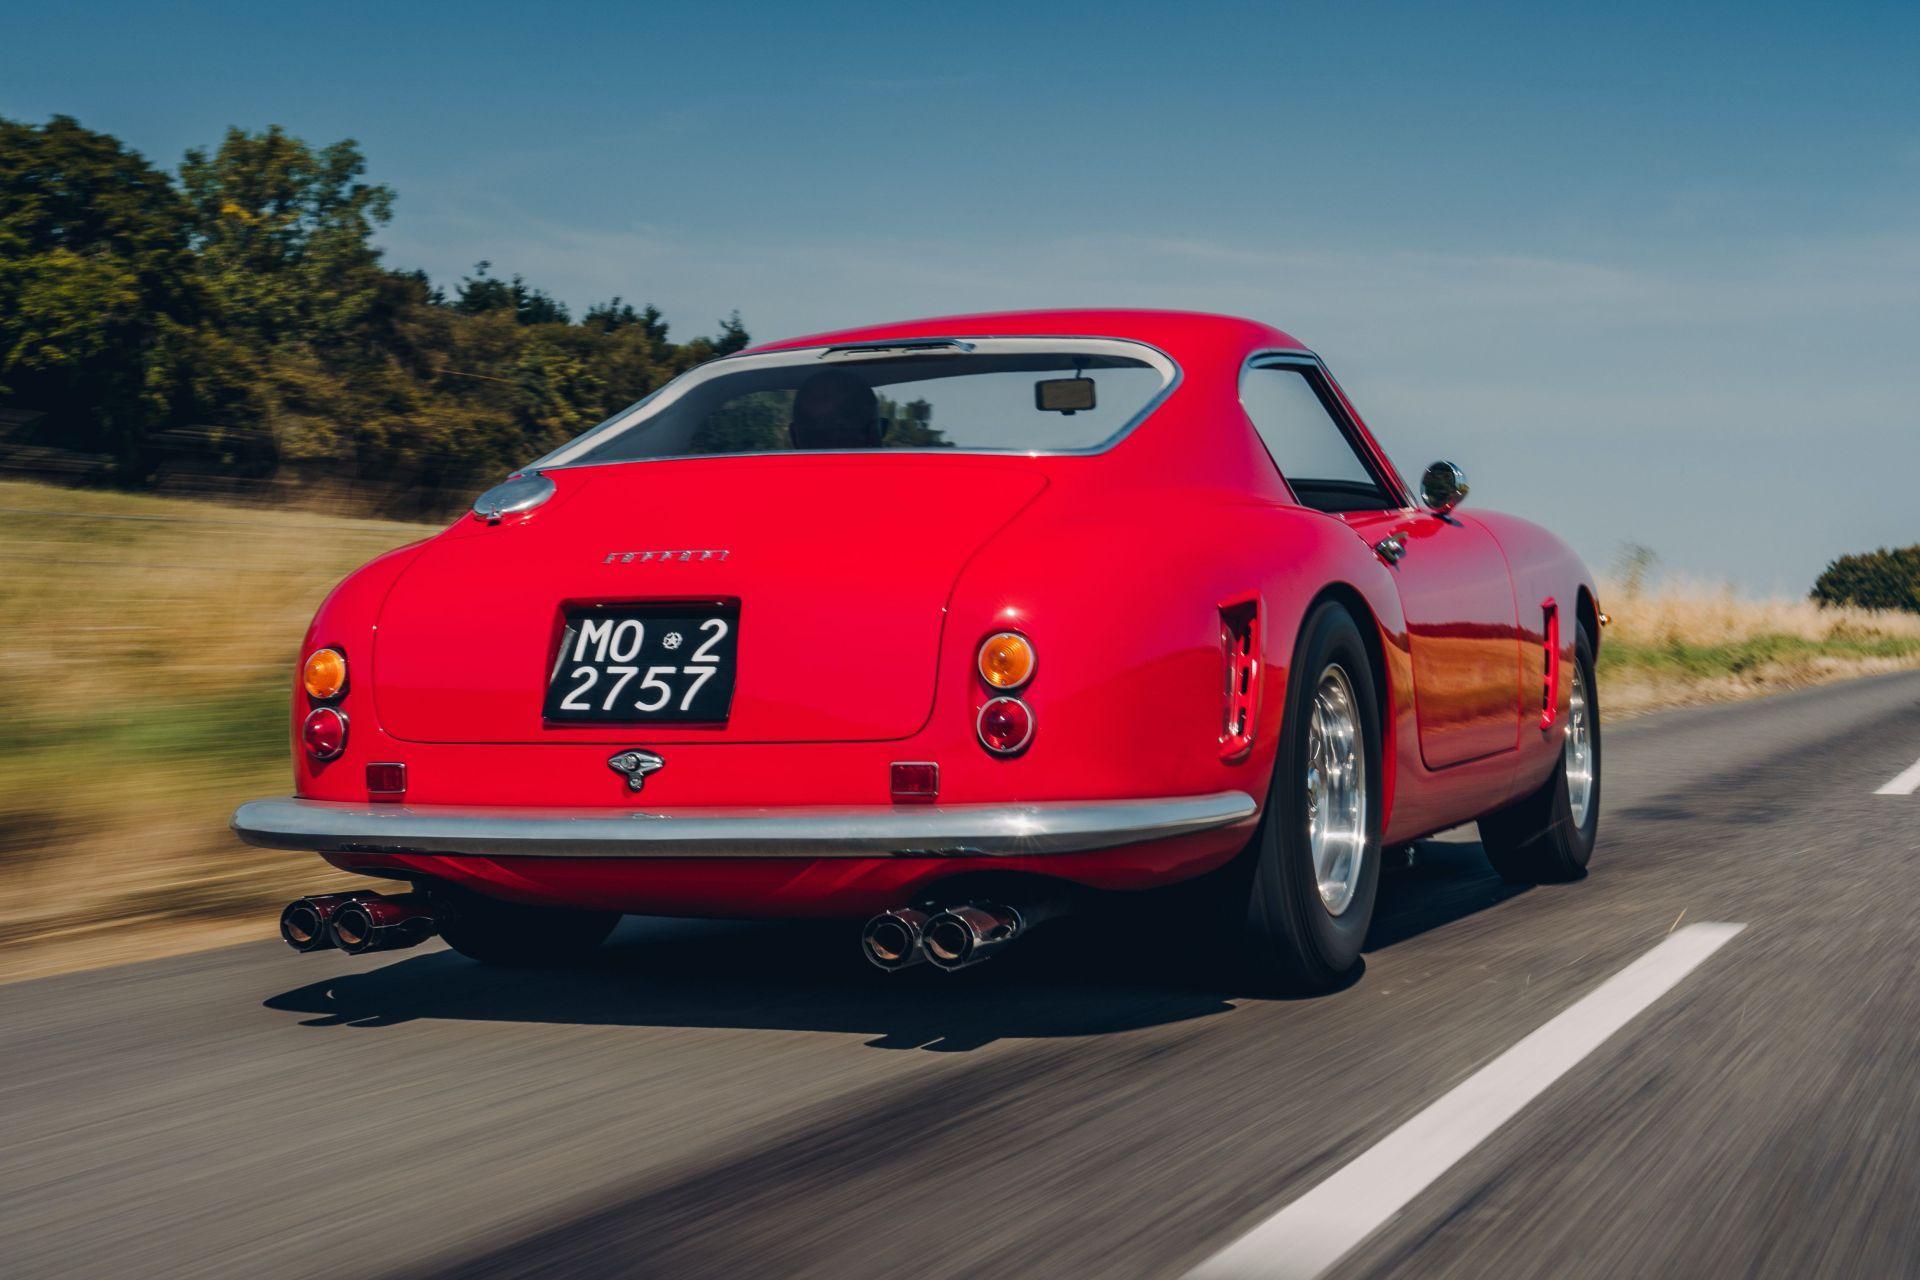 Ferrari-250-GT-SWB-Berlinetta-Competizione-Revival-by-GTO-Engineering-16